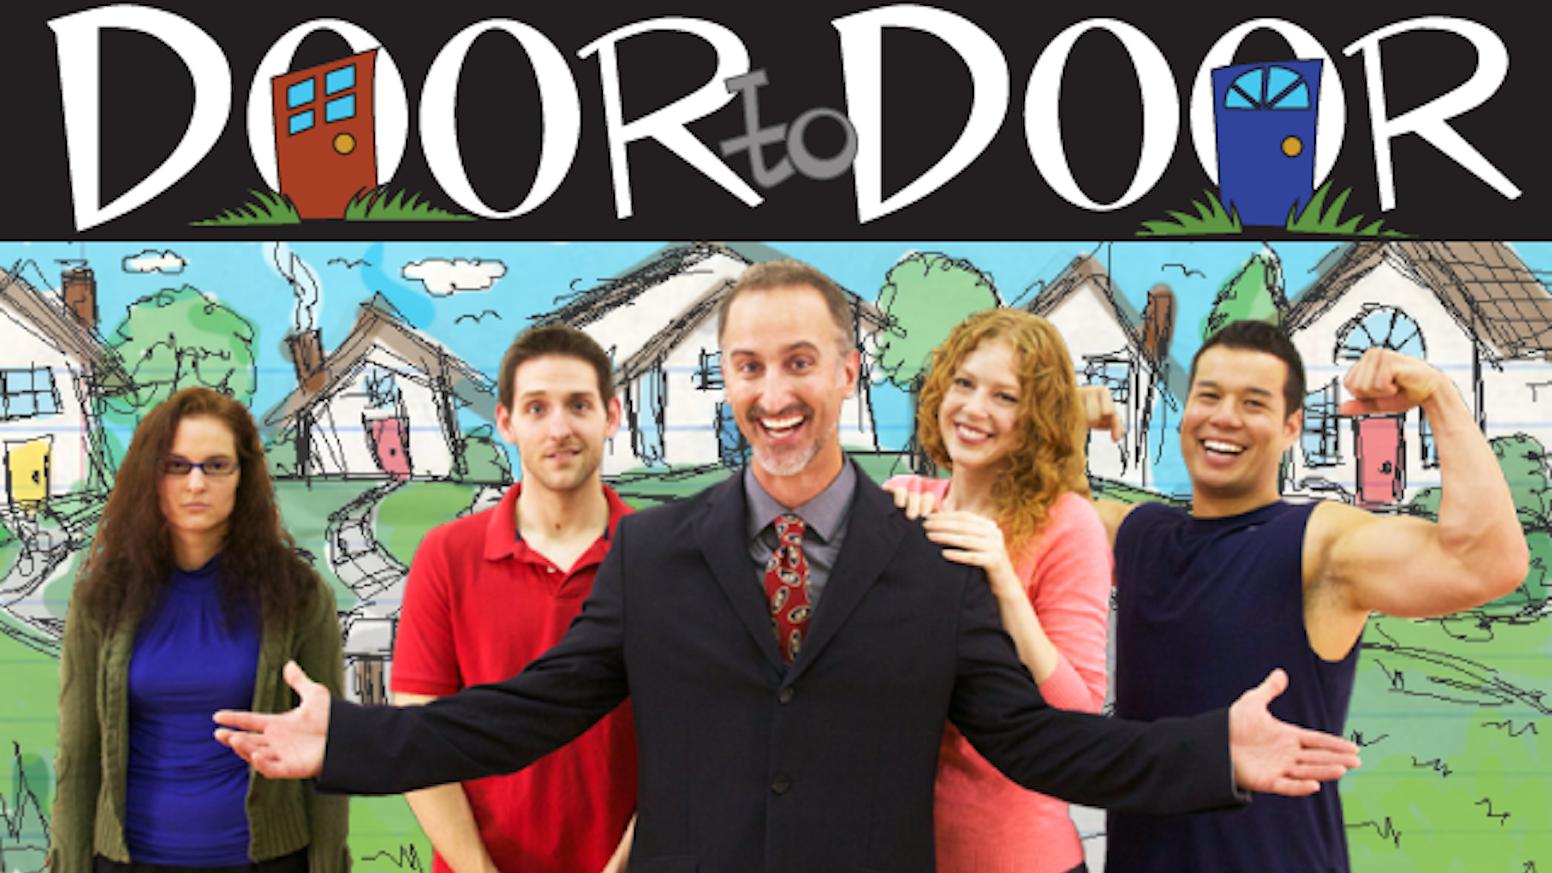 Season 1 of Door to Door the Web Series by Rachel Woodhouse